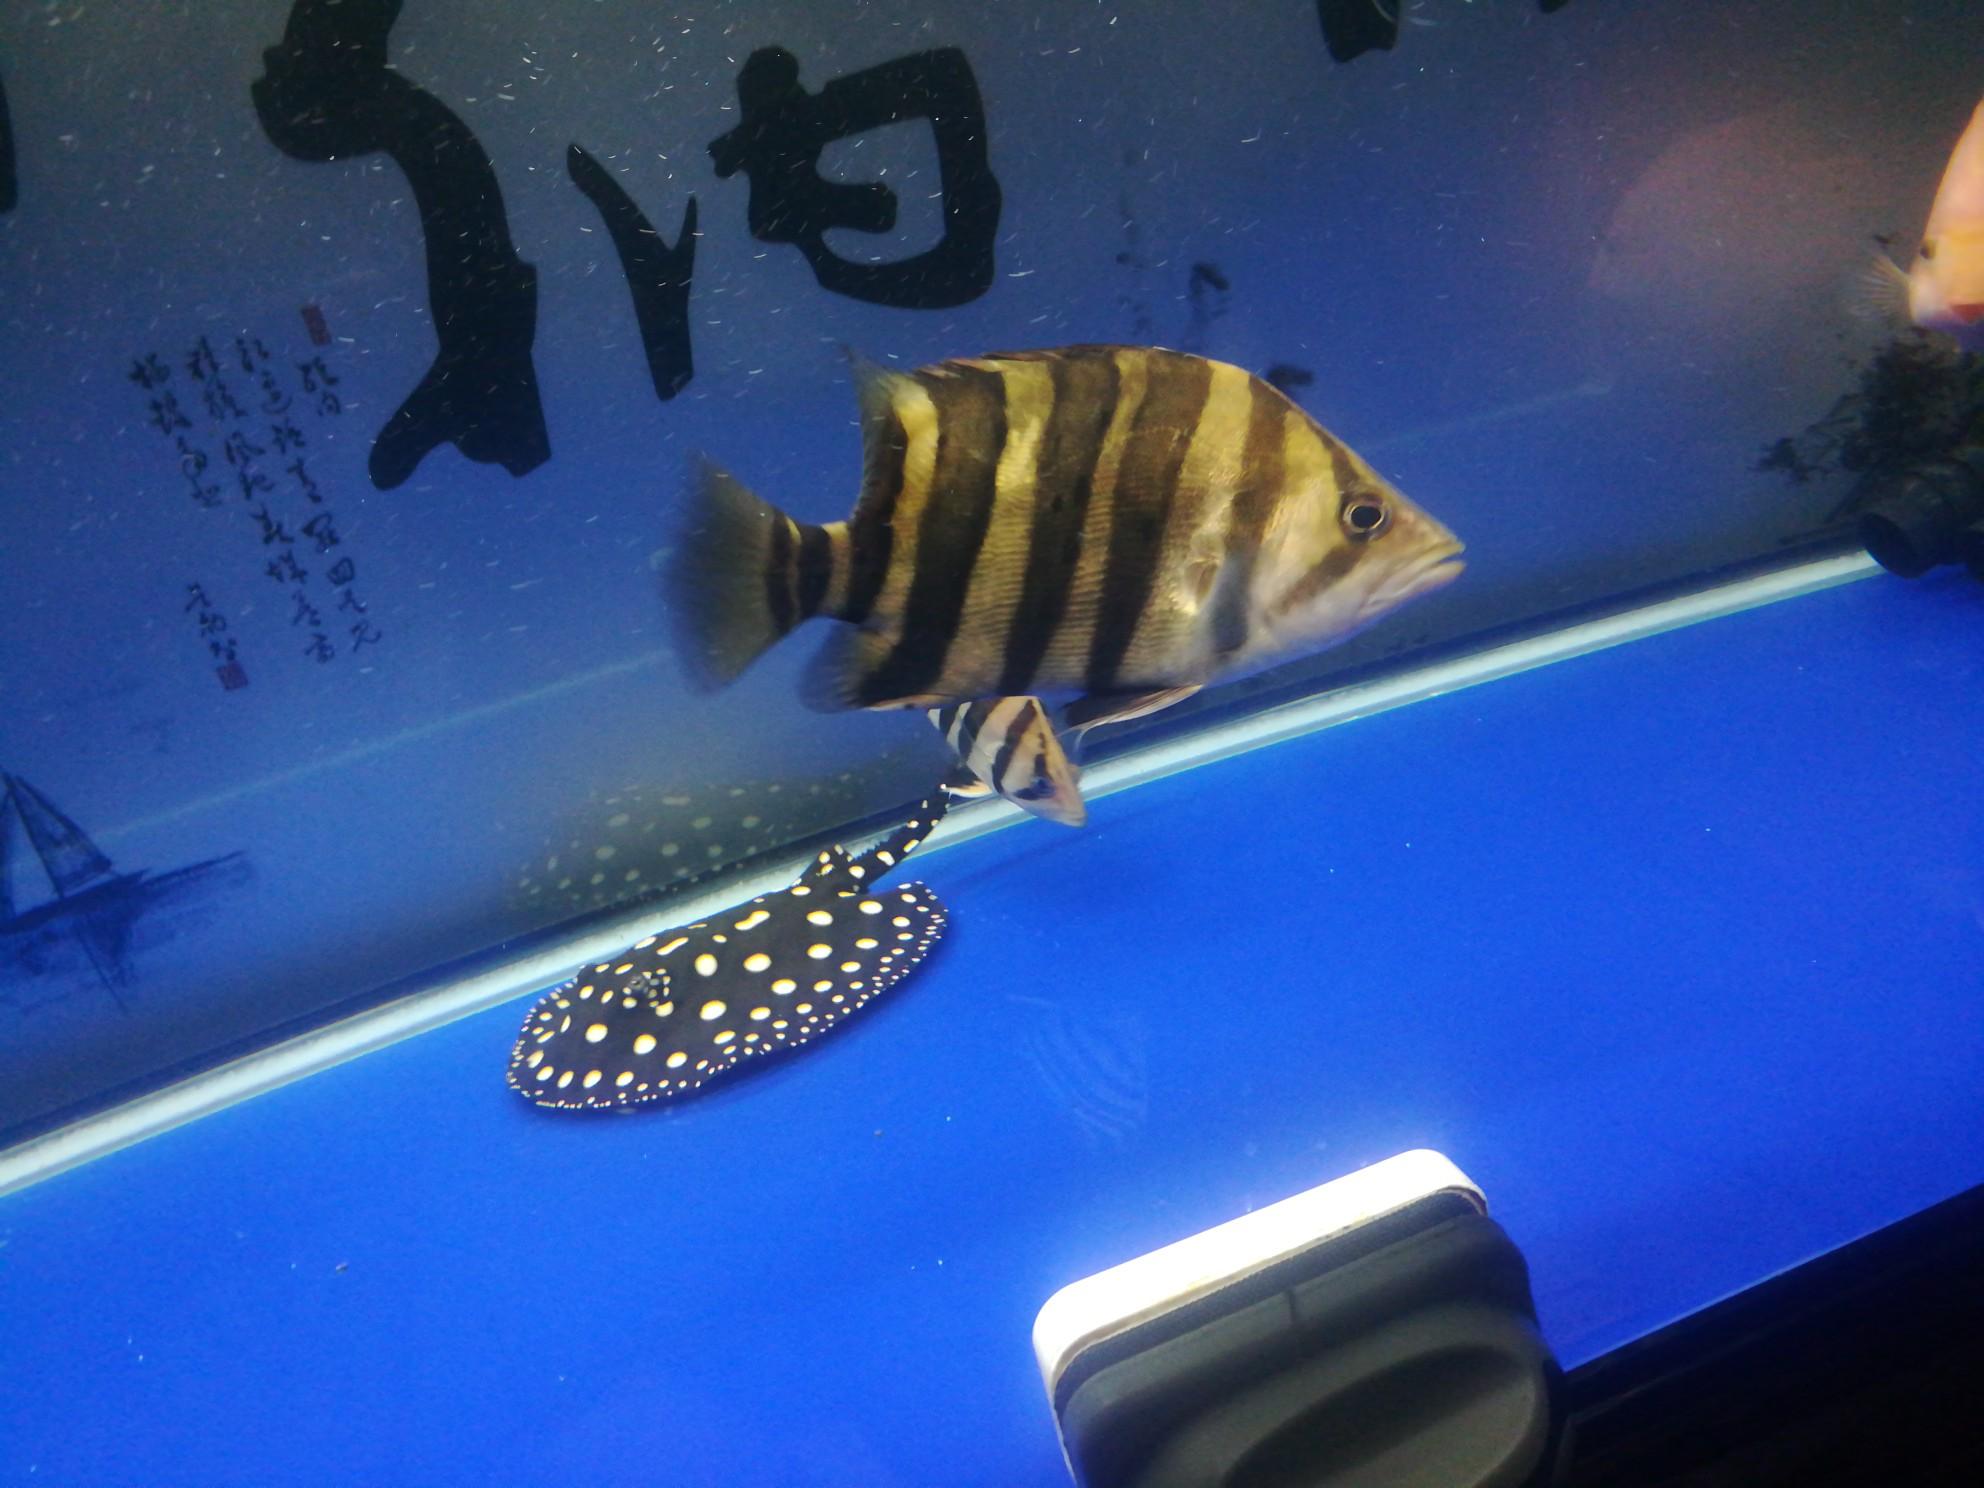 【西安哪个水族馆有金龙】哈[emoji:8J+YhA==] 西安龙鱼论坛 西安博特第1张